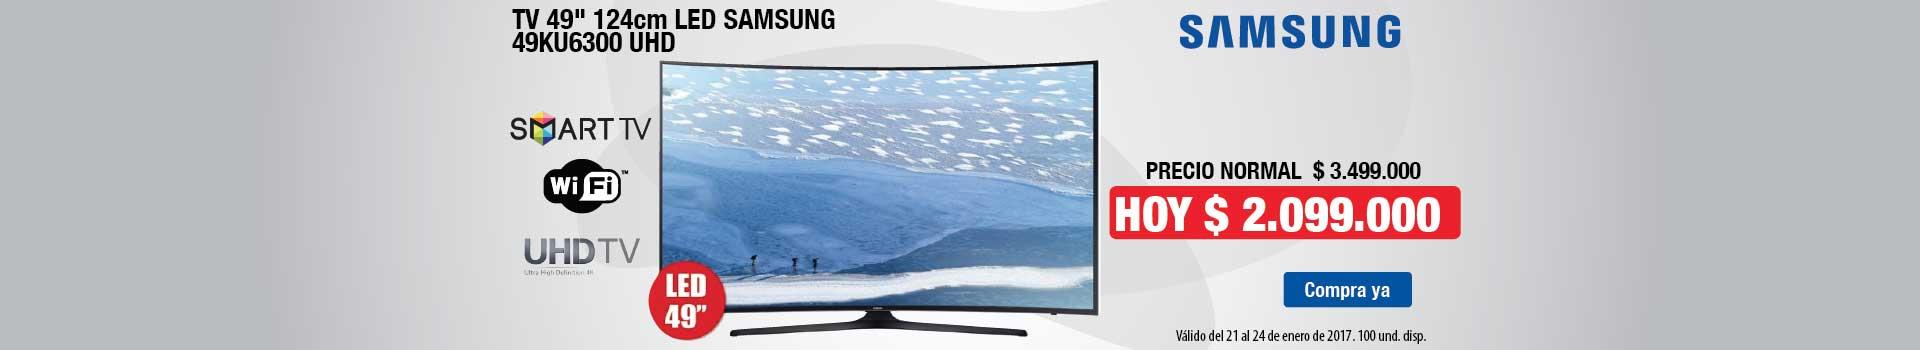 HIPER Samsung 49ku6300 Ene 21